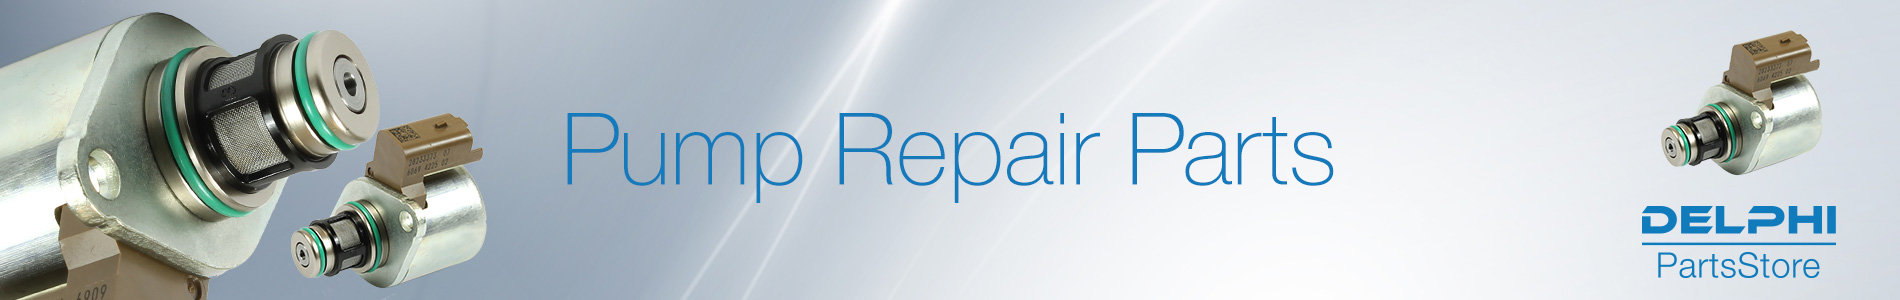 Pump Repair Parts